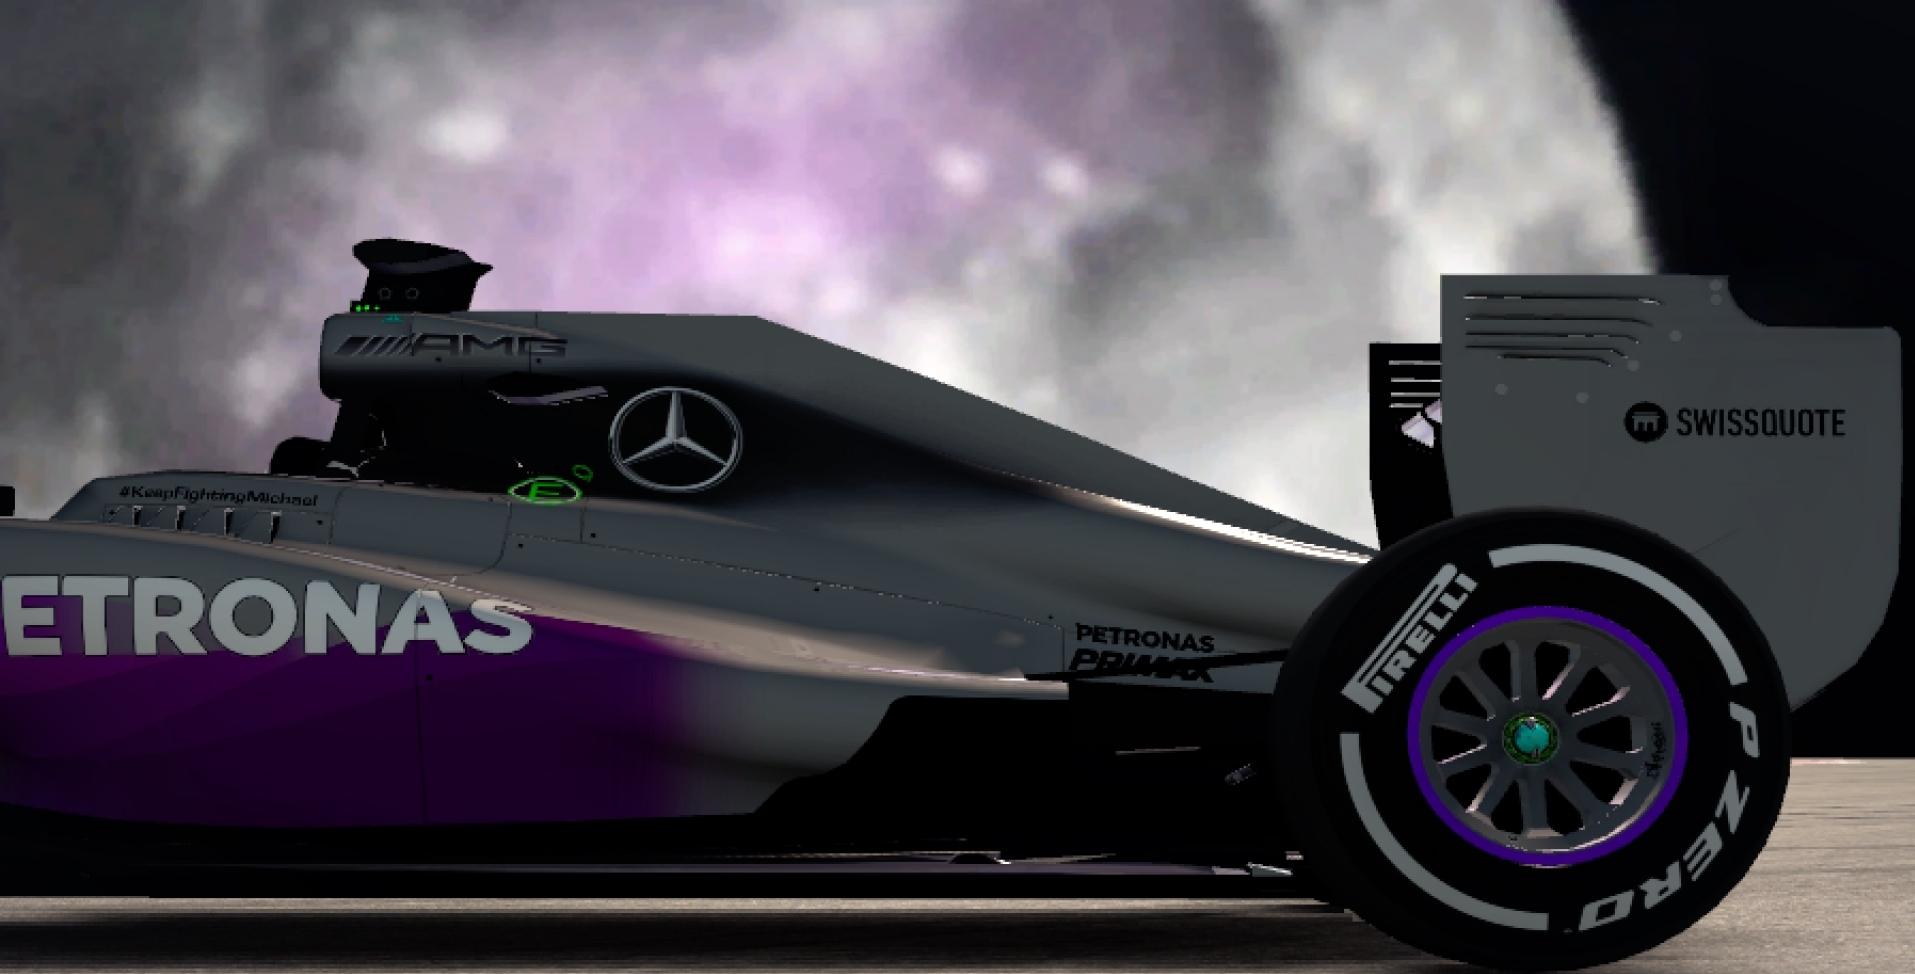 F1_2014 2015-07-12 09-36-05-075.jpg